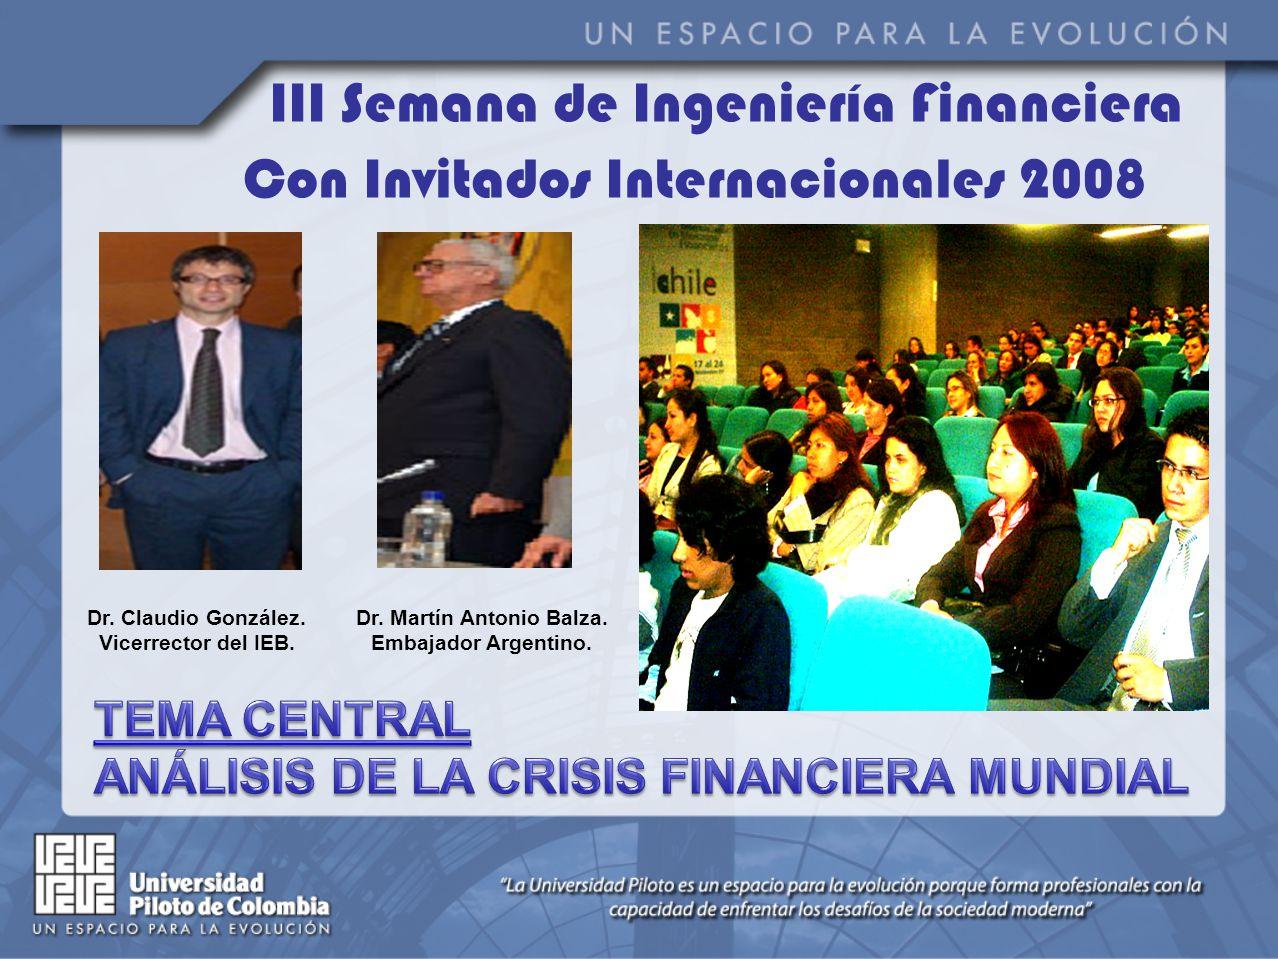 III Semana de Ingeniería Financiera Con Invitados Internacionales 2008 Dr.